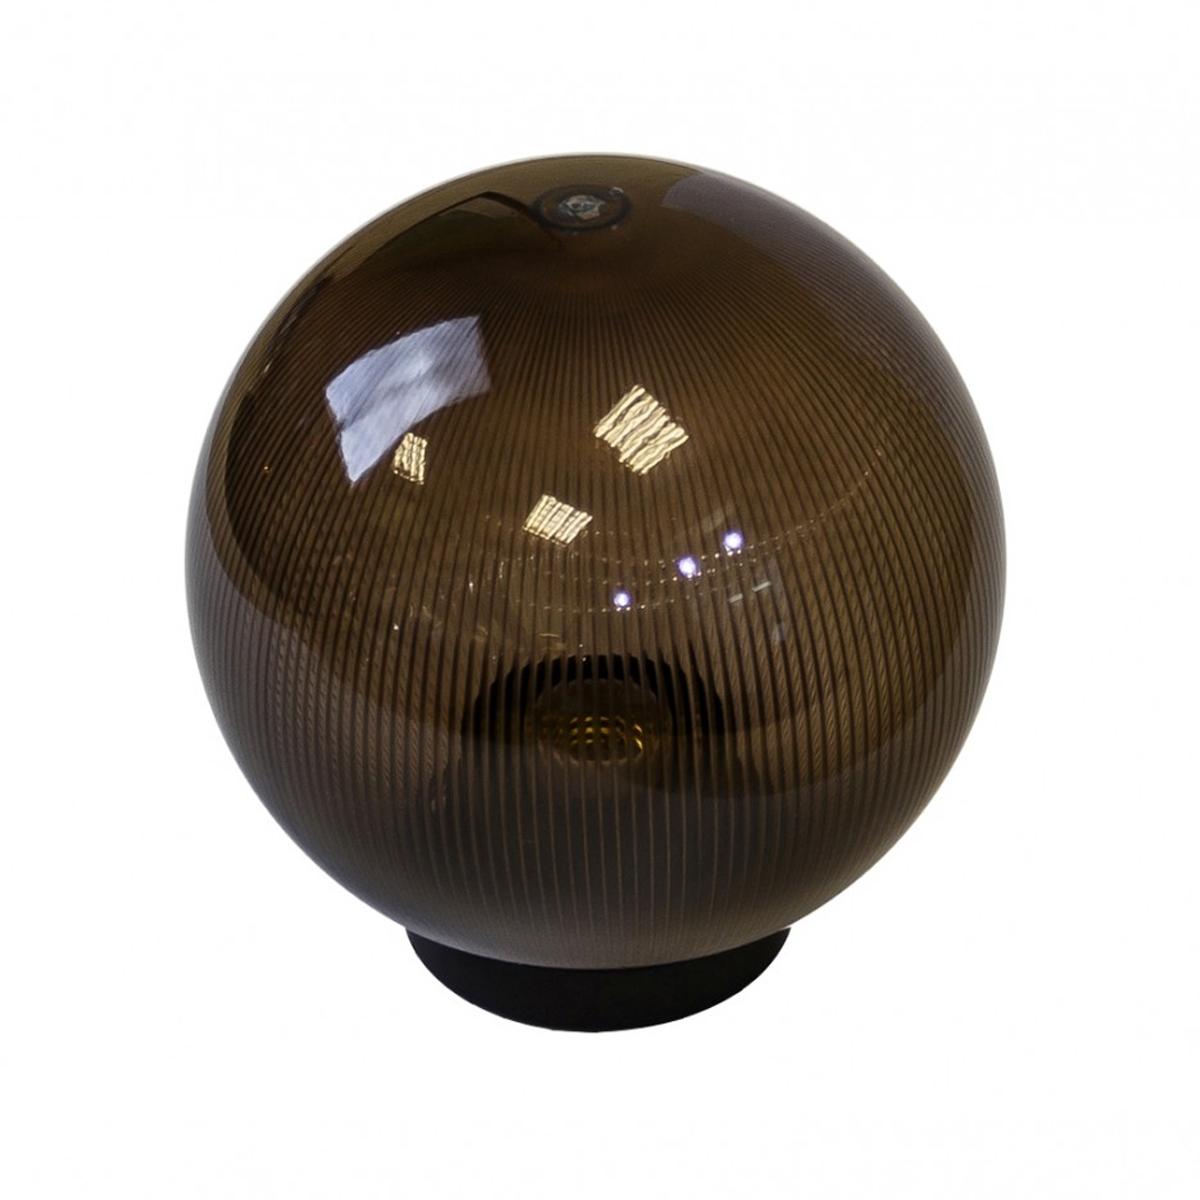 Светильник садово-парковый ЭРА НТУ 02-60-255 шар дымчатый призма d250